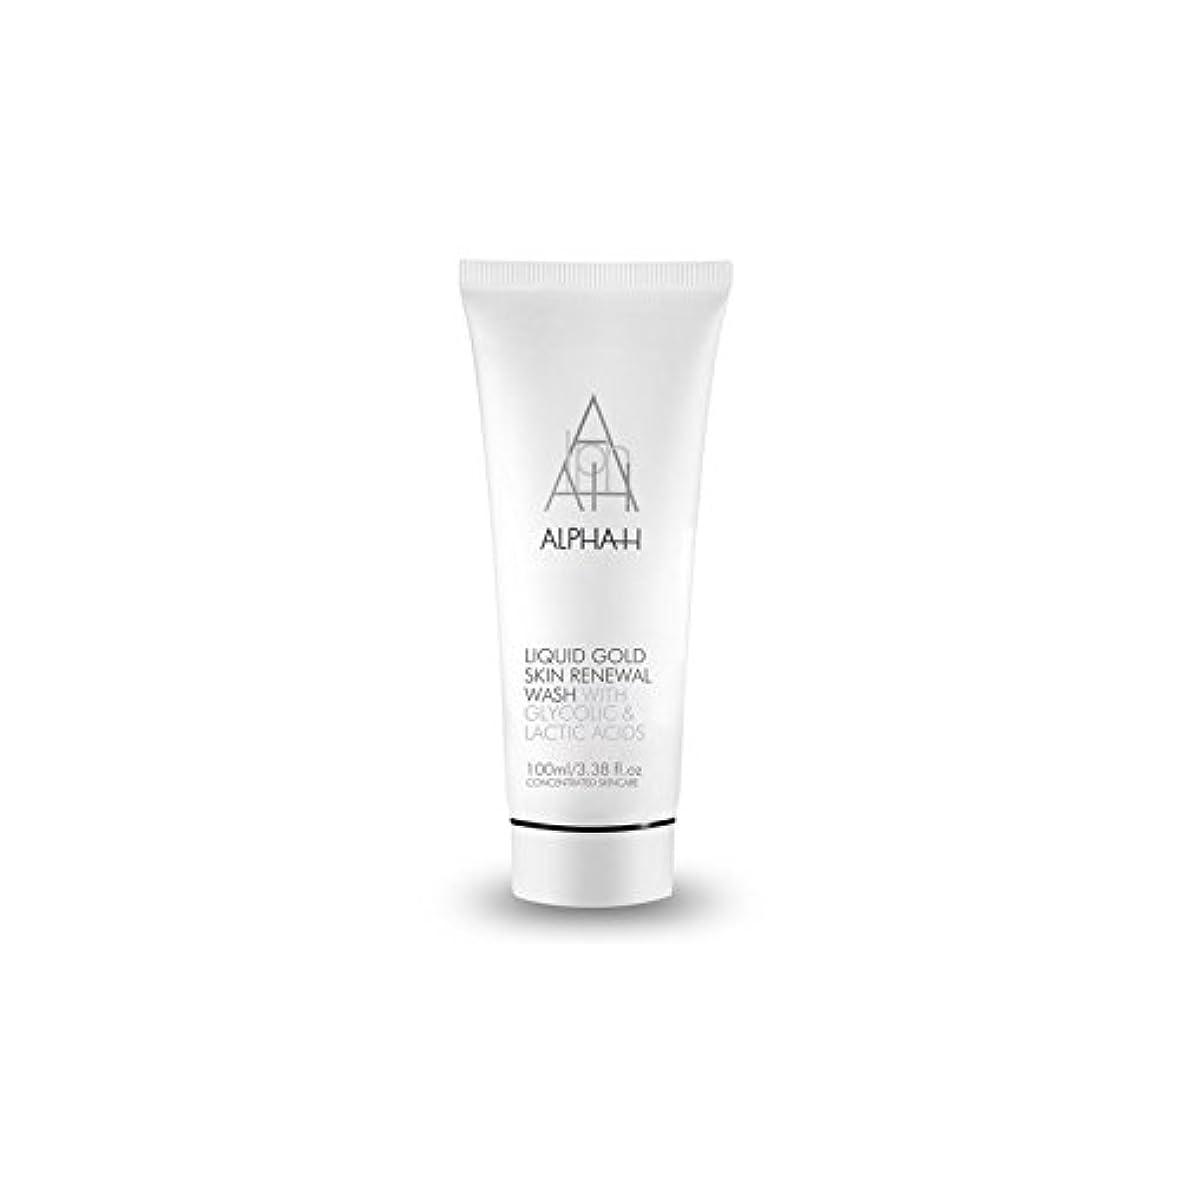 信頼性のある同種のベスビオ山アルファのゴールドスキンリニューアルウォッシュ(100ミリリットル) x2 - Alpha H Gold Skin Renewal Wash (100ml) (Pack of 2) [並行輸入品]